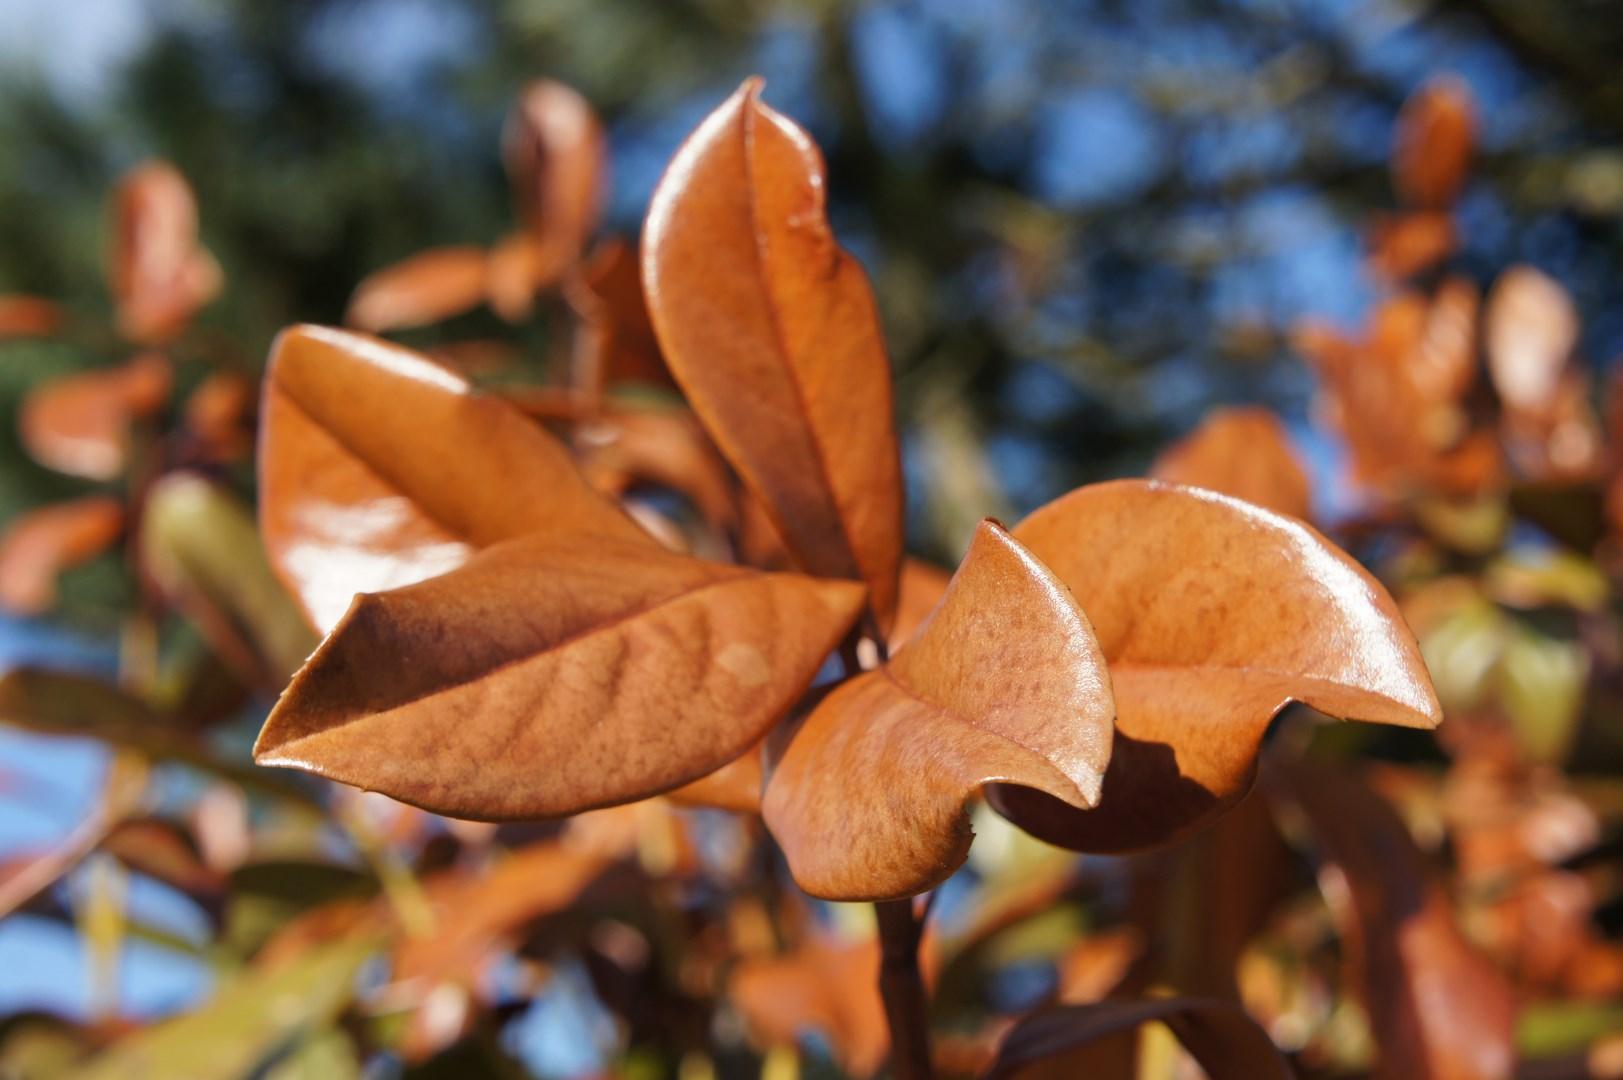 abgestorbene Triebspitze bei Kirschlorbeer wegen Frostschaden